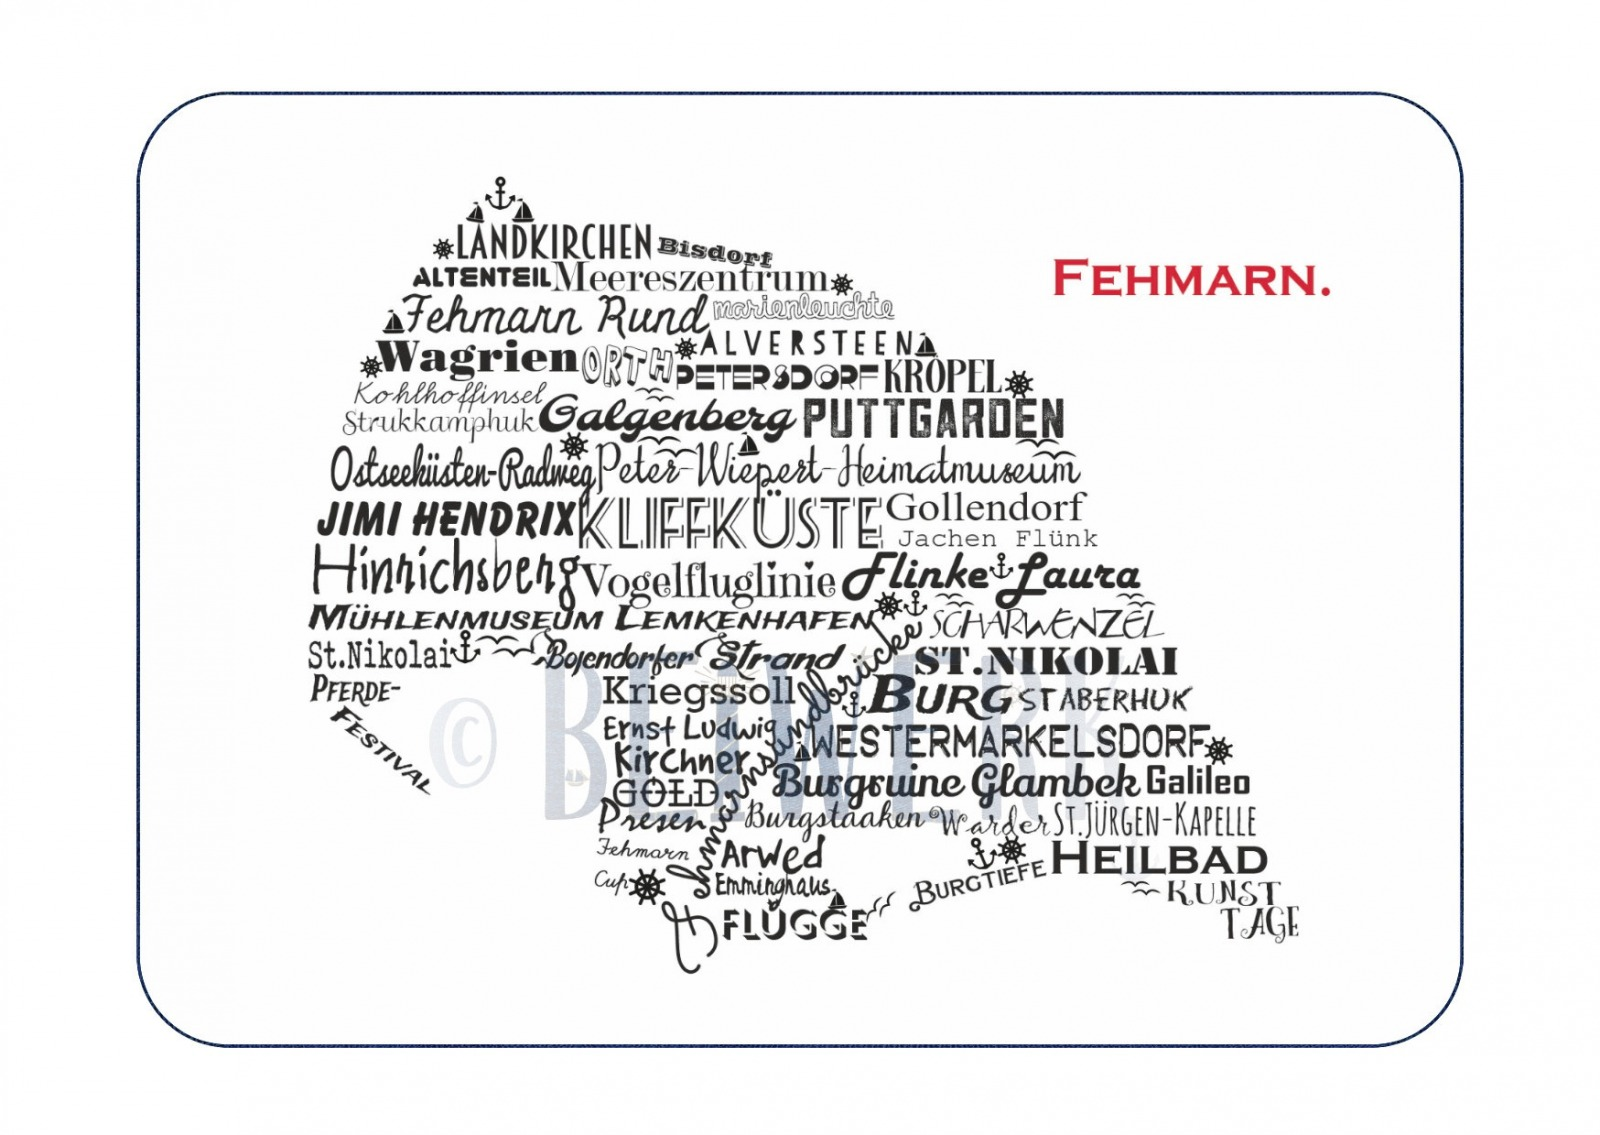 Postkarte Fehmarn PK-200